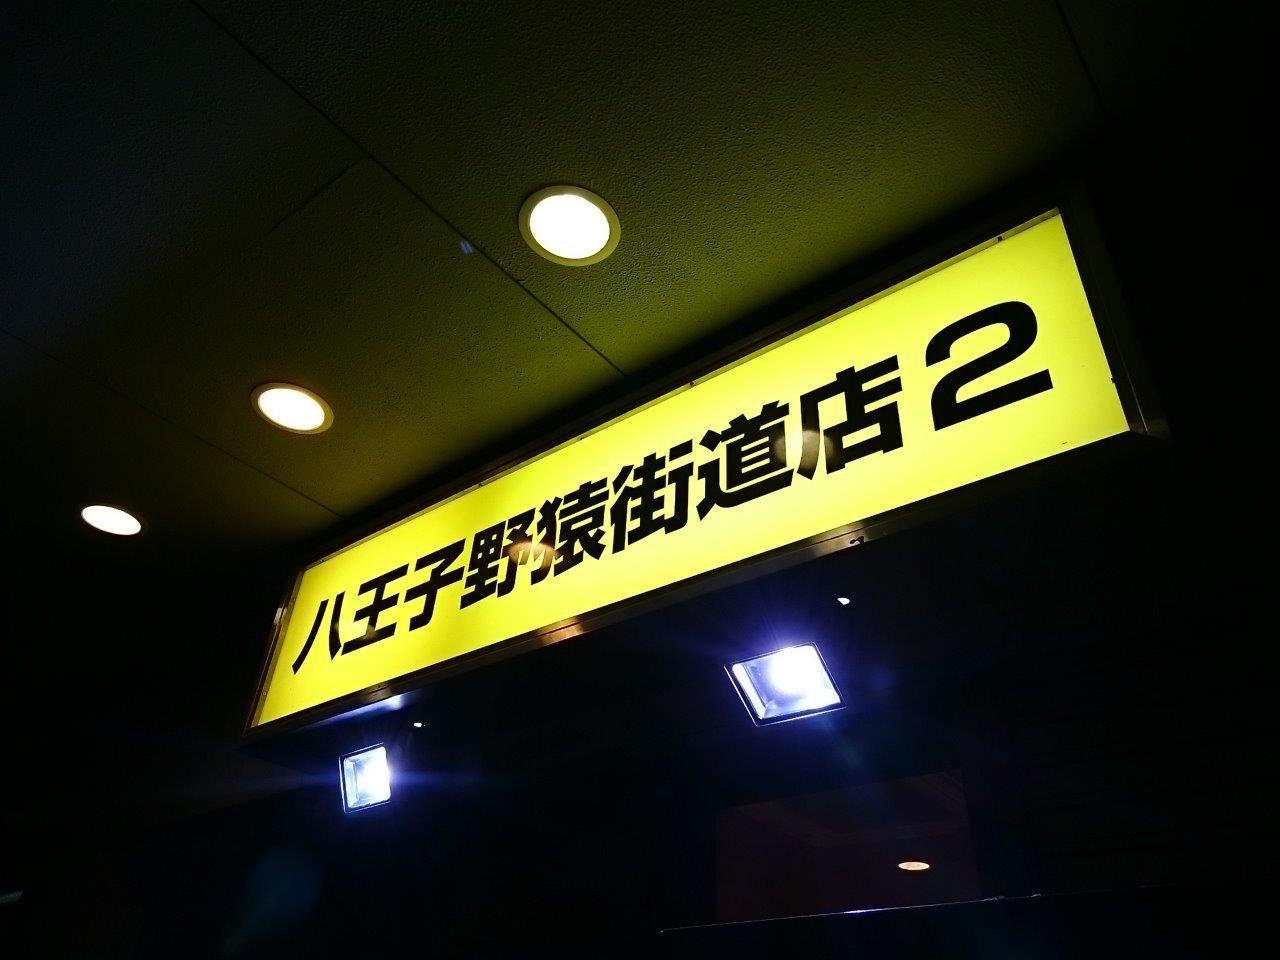 Dsc_2169